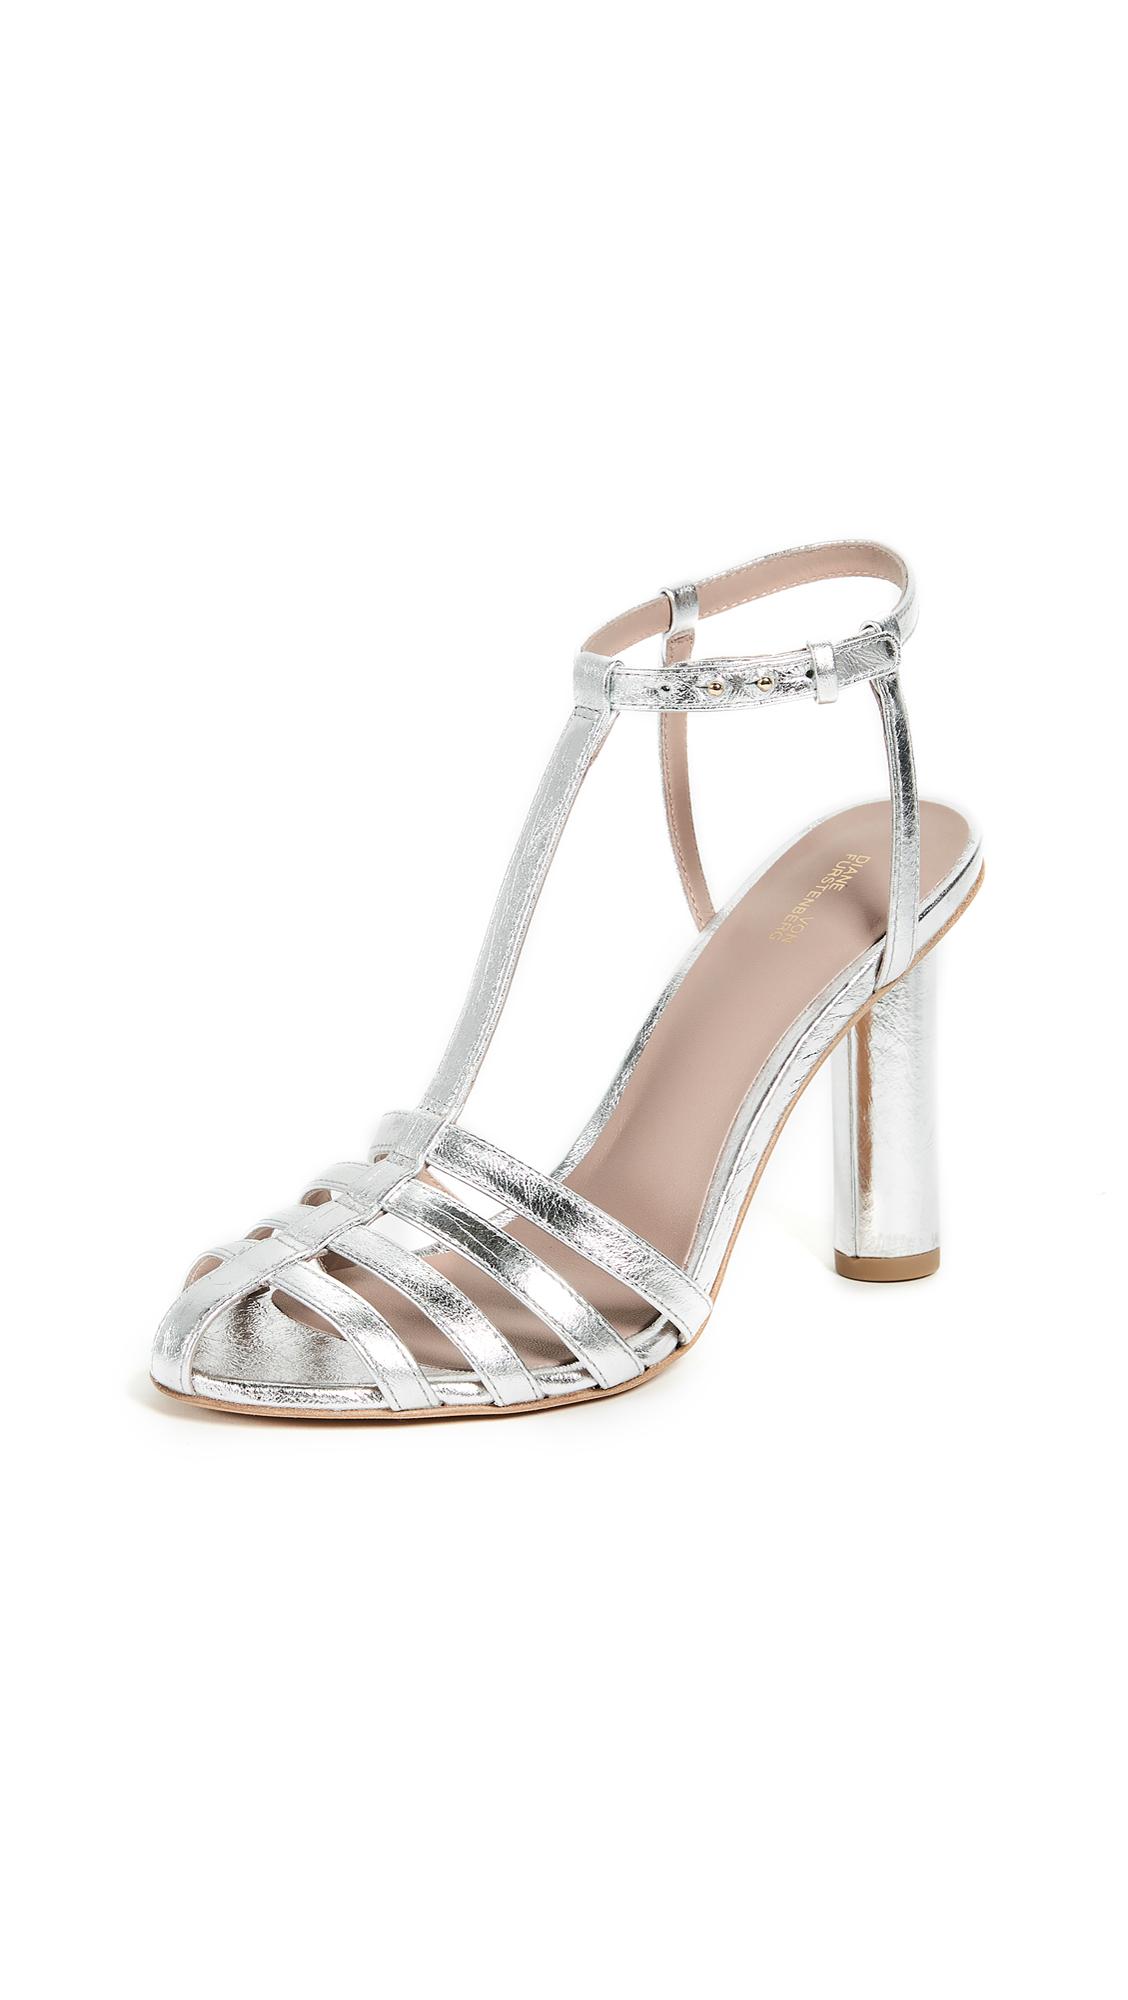 Diane von Furstenberg Eva 2 Sandals - Metallic Silver